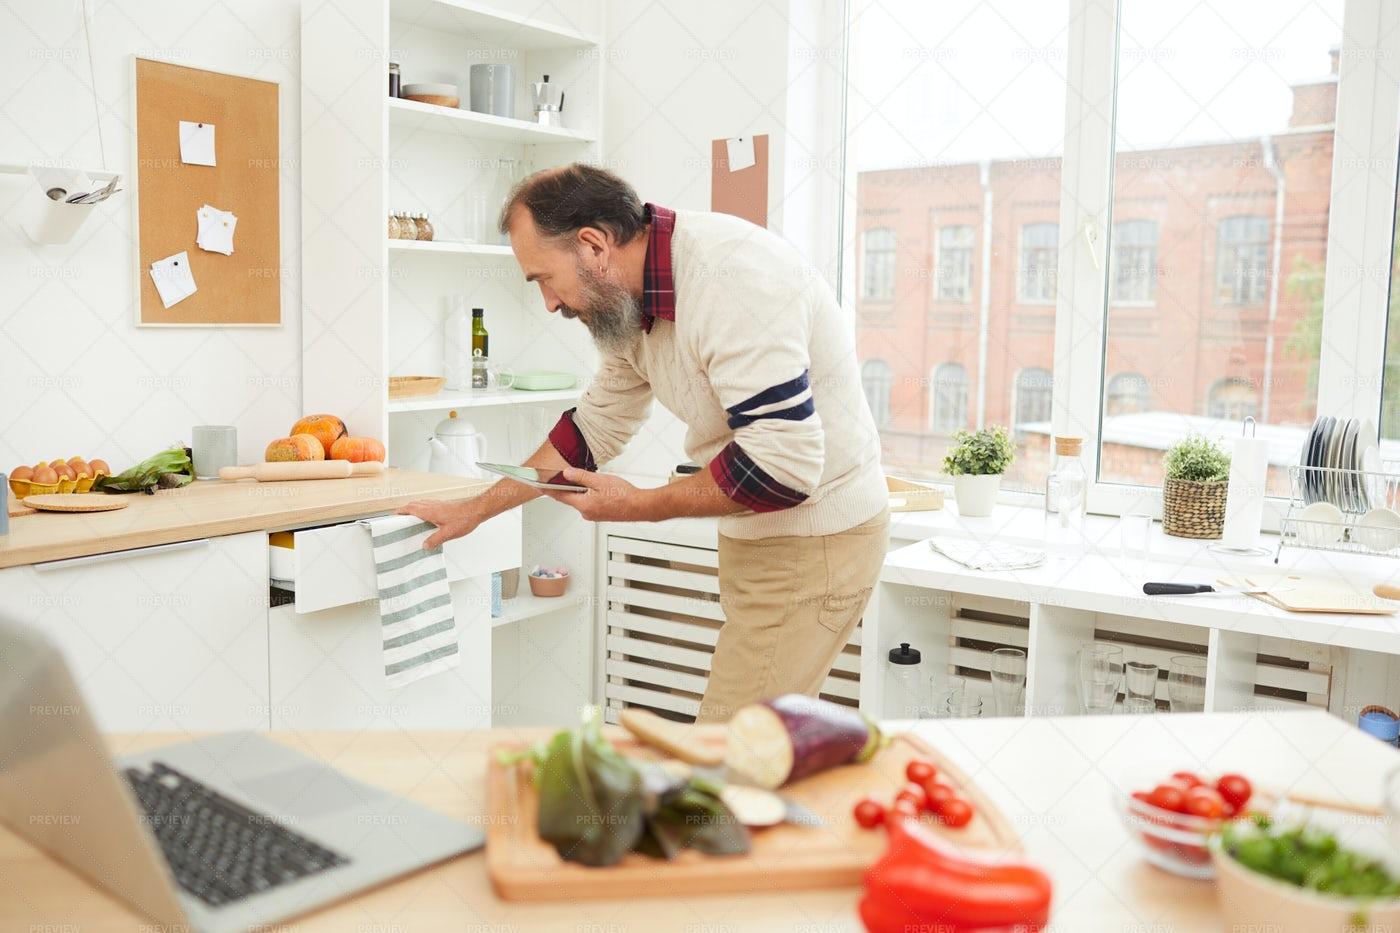 Bearded Senior Man In Kitchen: Stock Photos